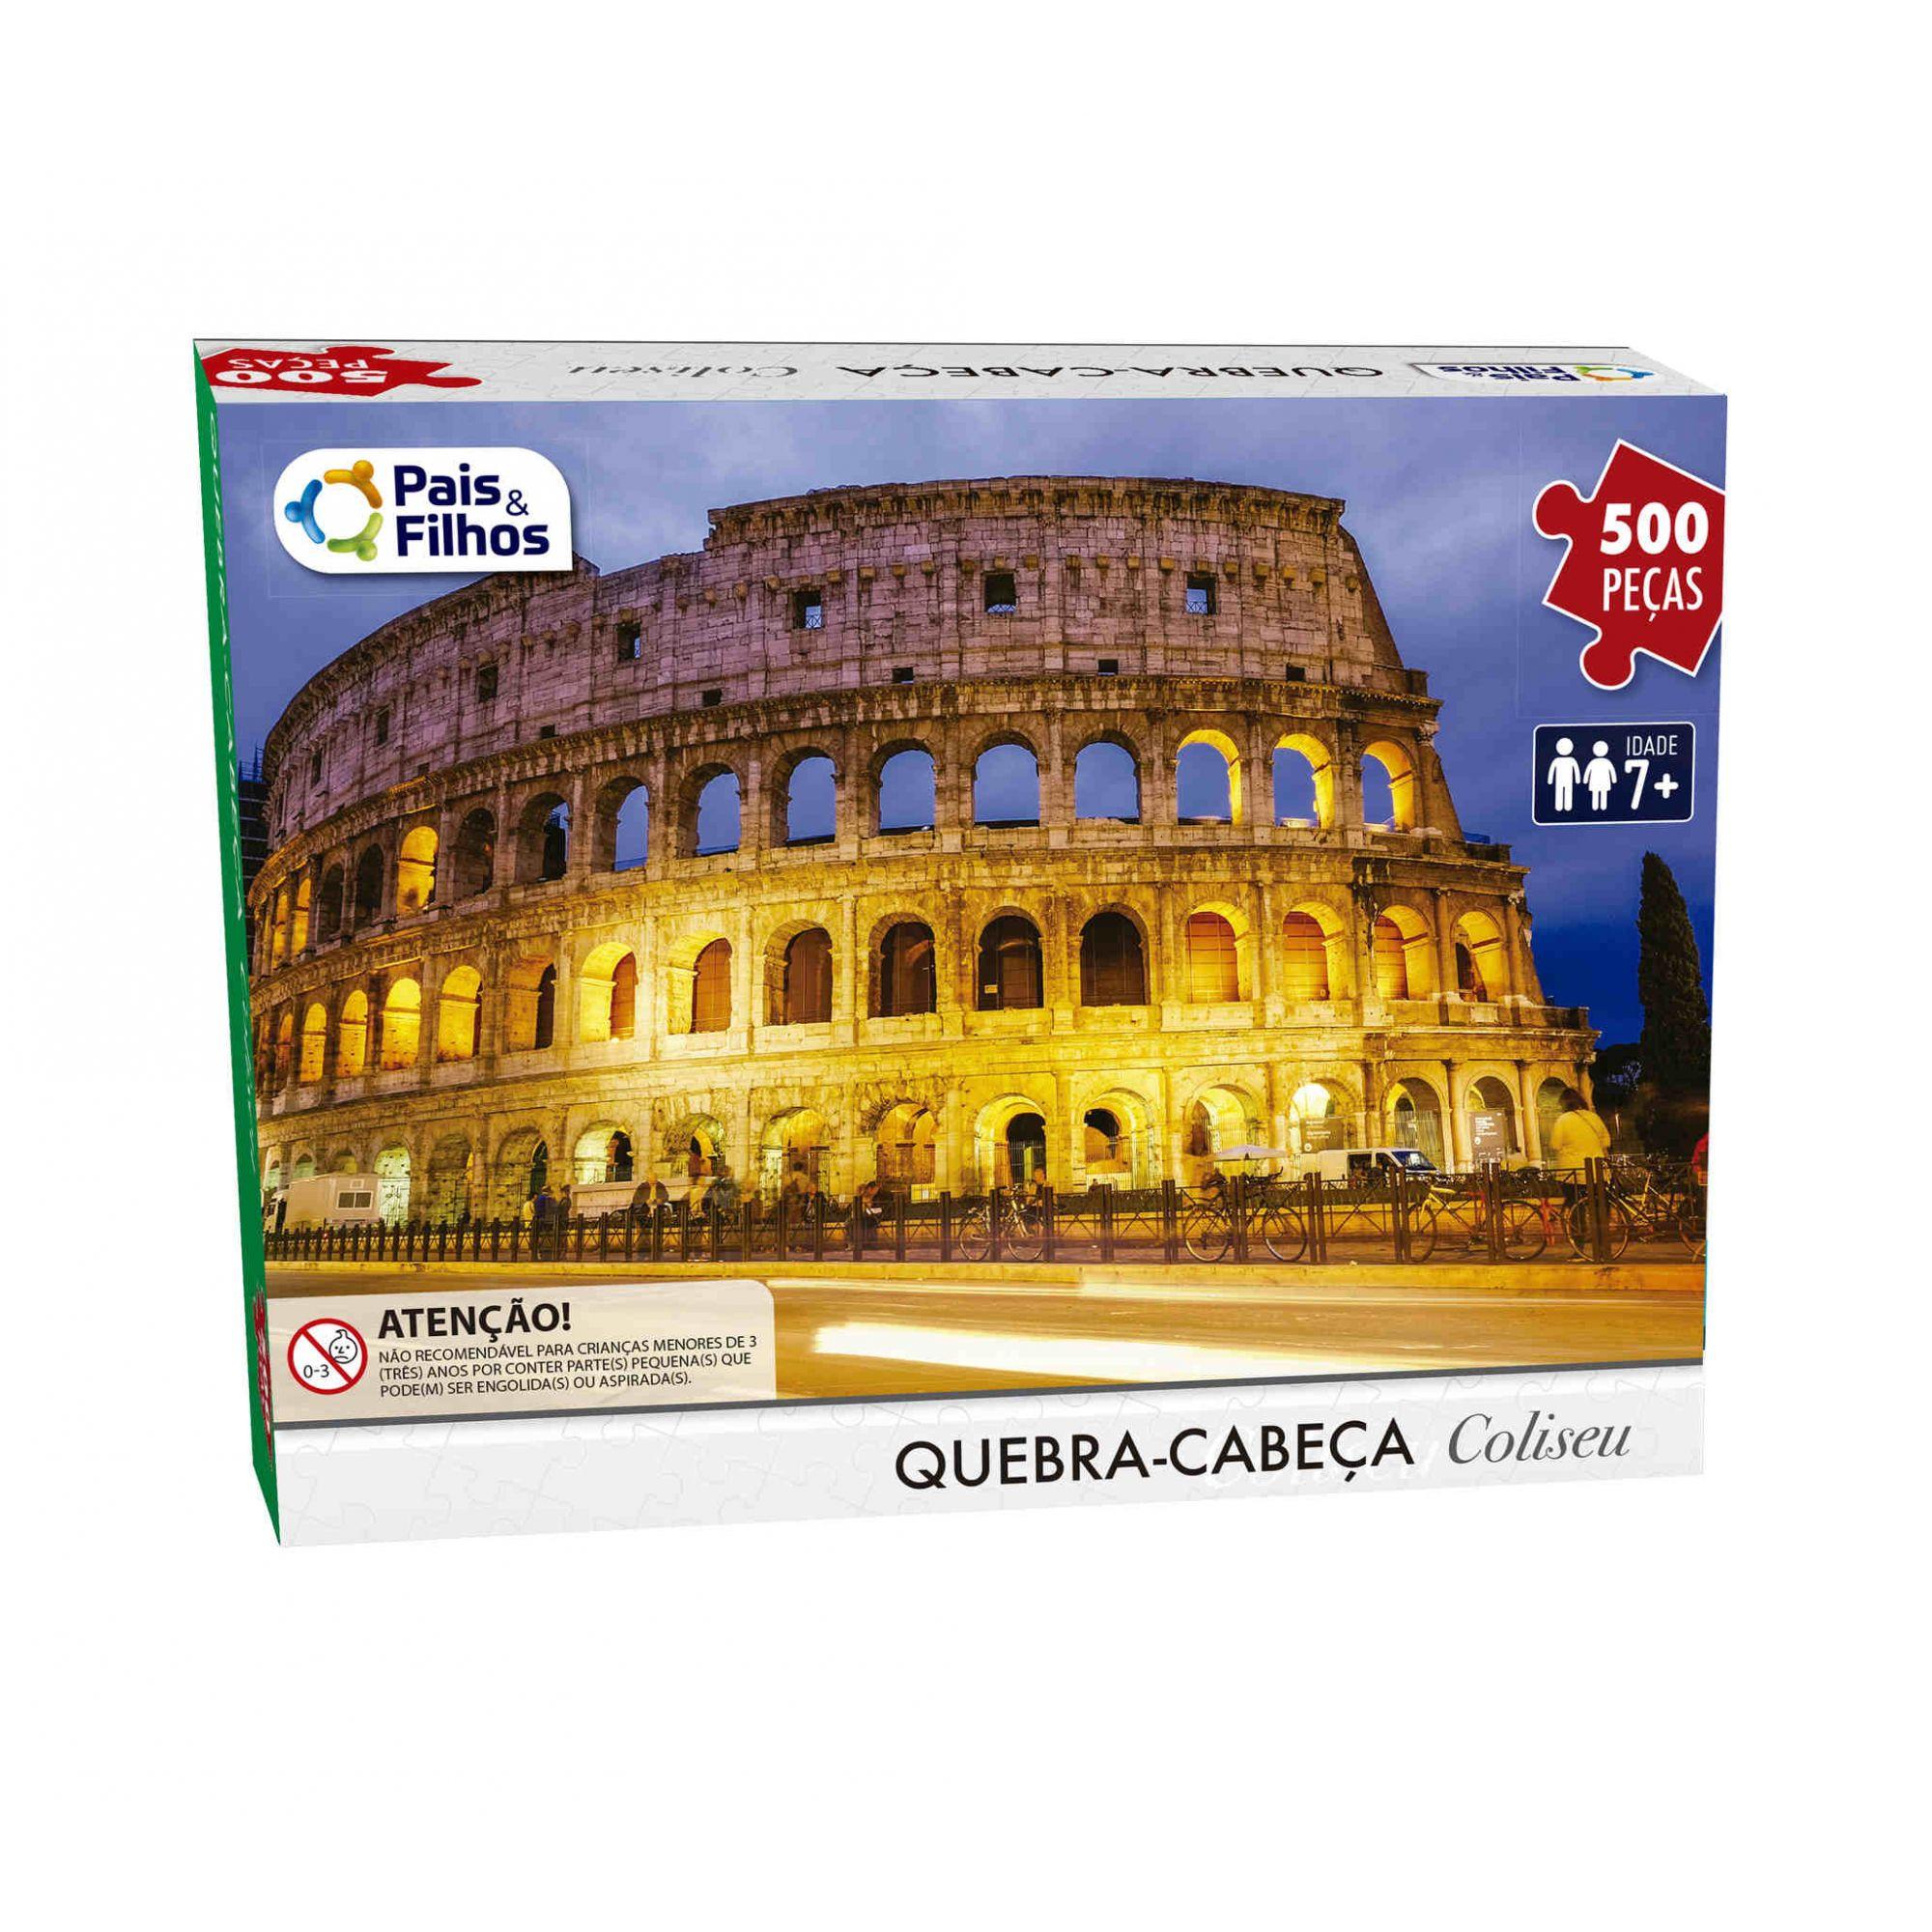 Quebra Cabeça Coliseu 500 Peças  Pais e Filhos - 7265